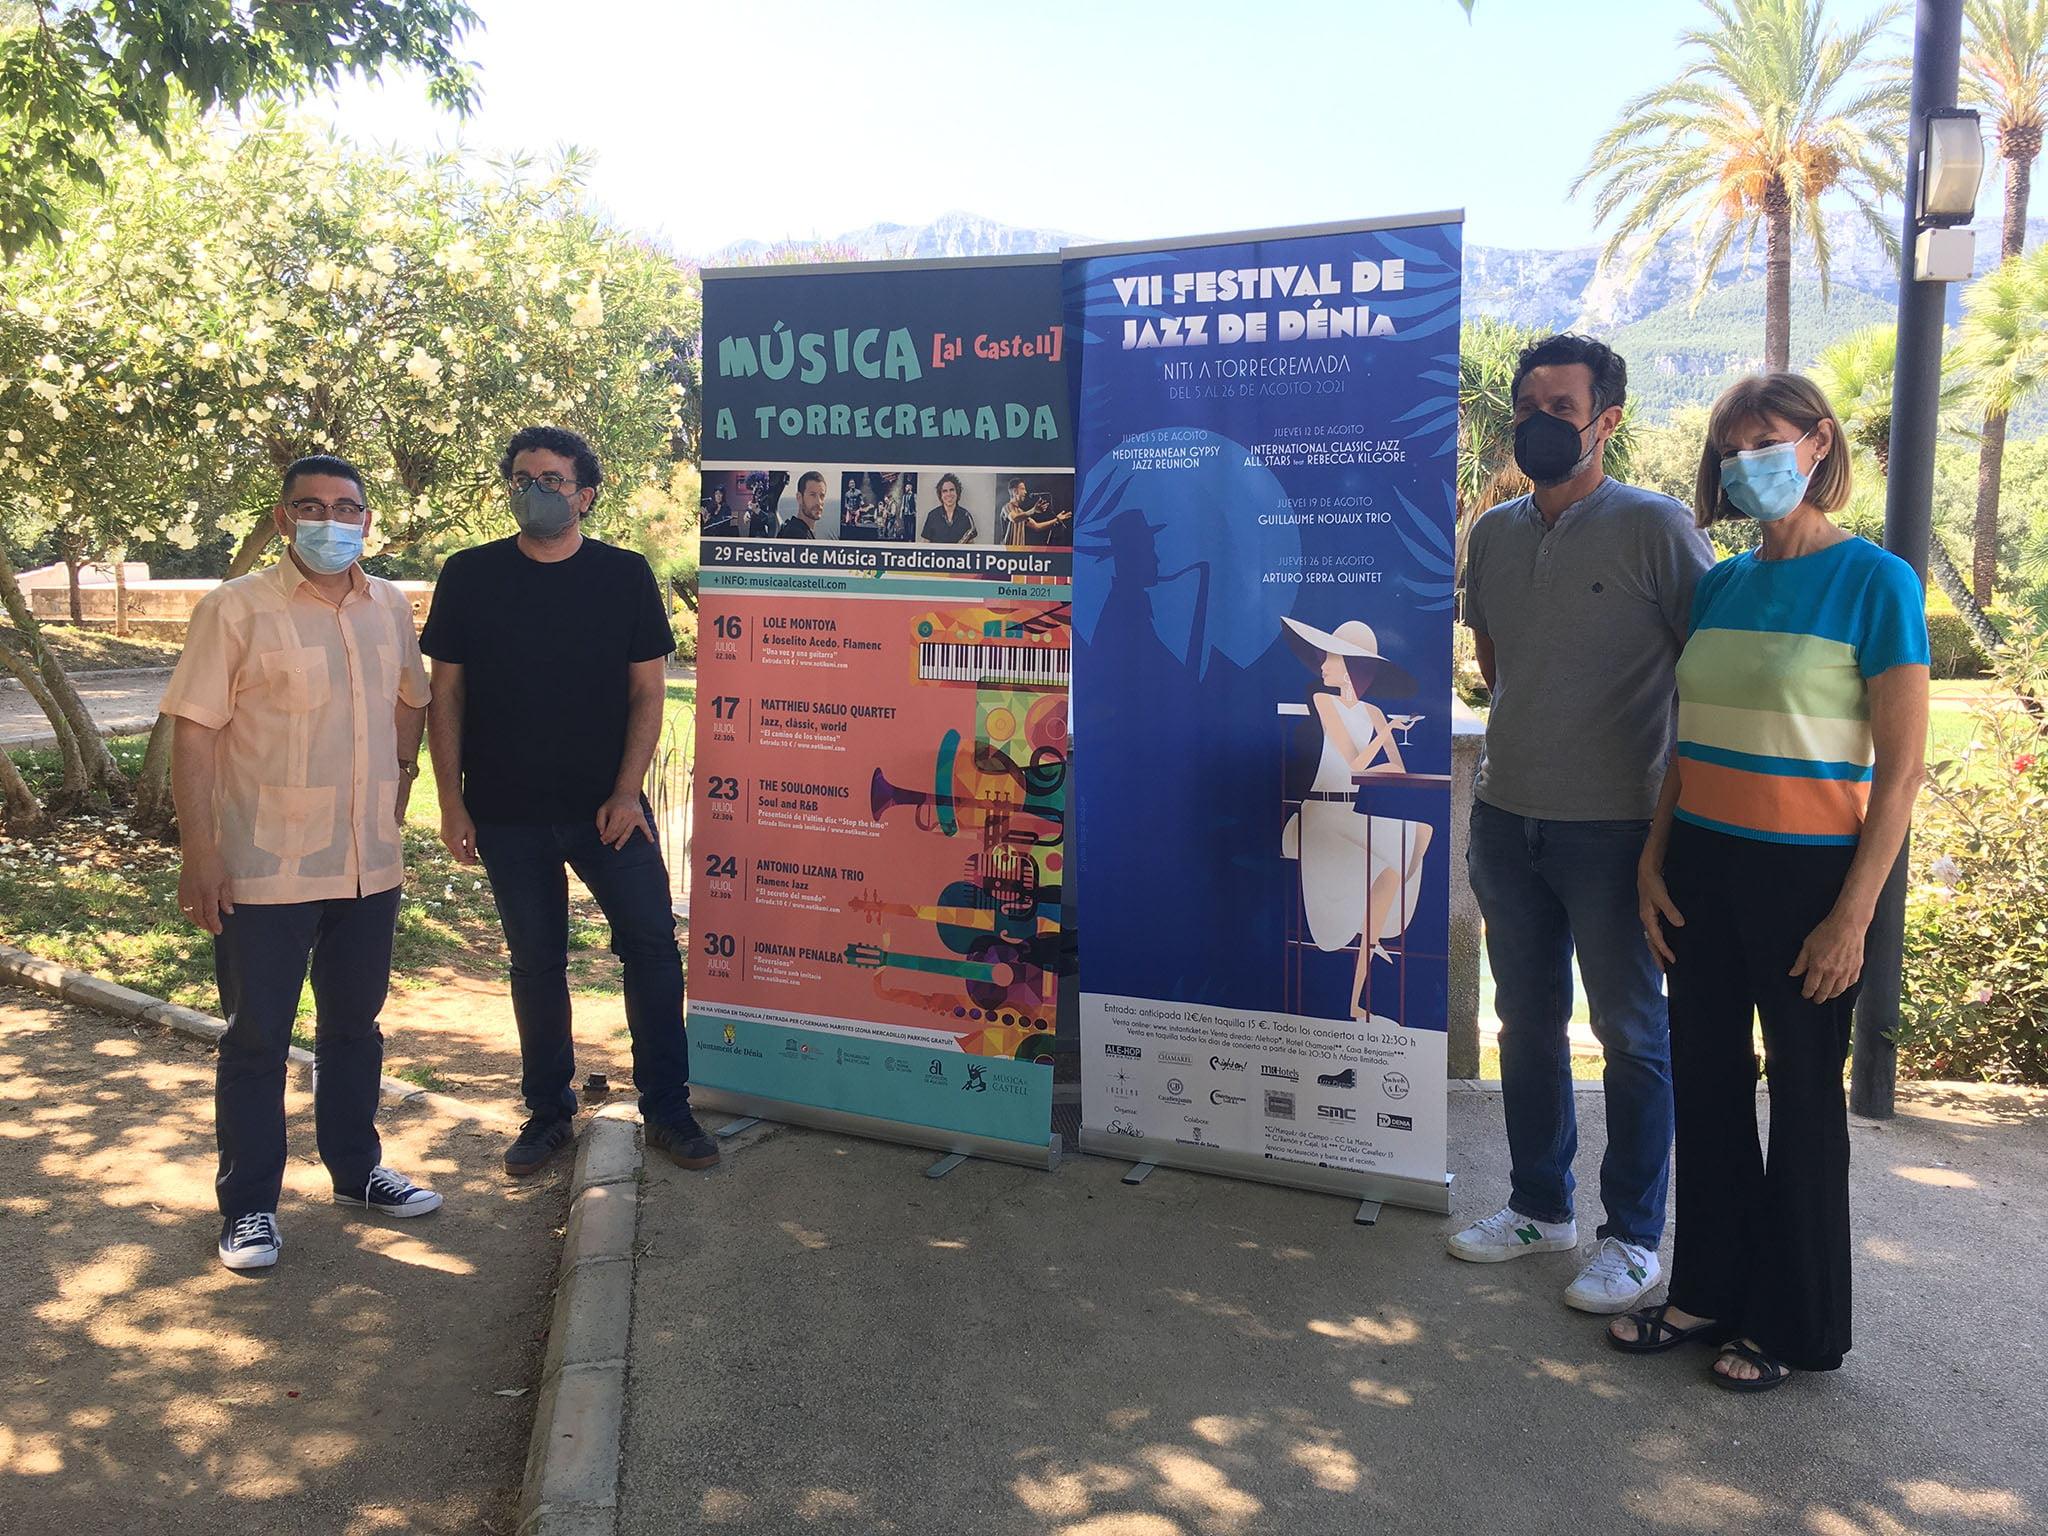 Presentación de las propuestas musicales de verano de los jardines de Torrecremada